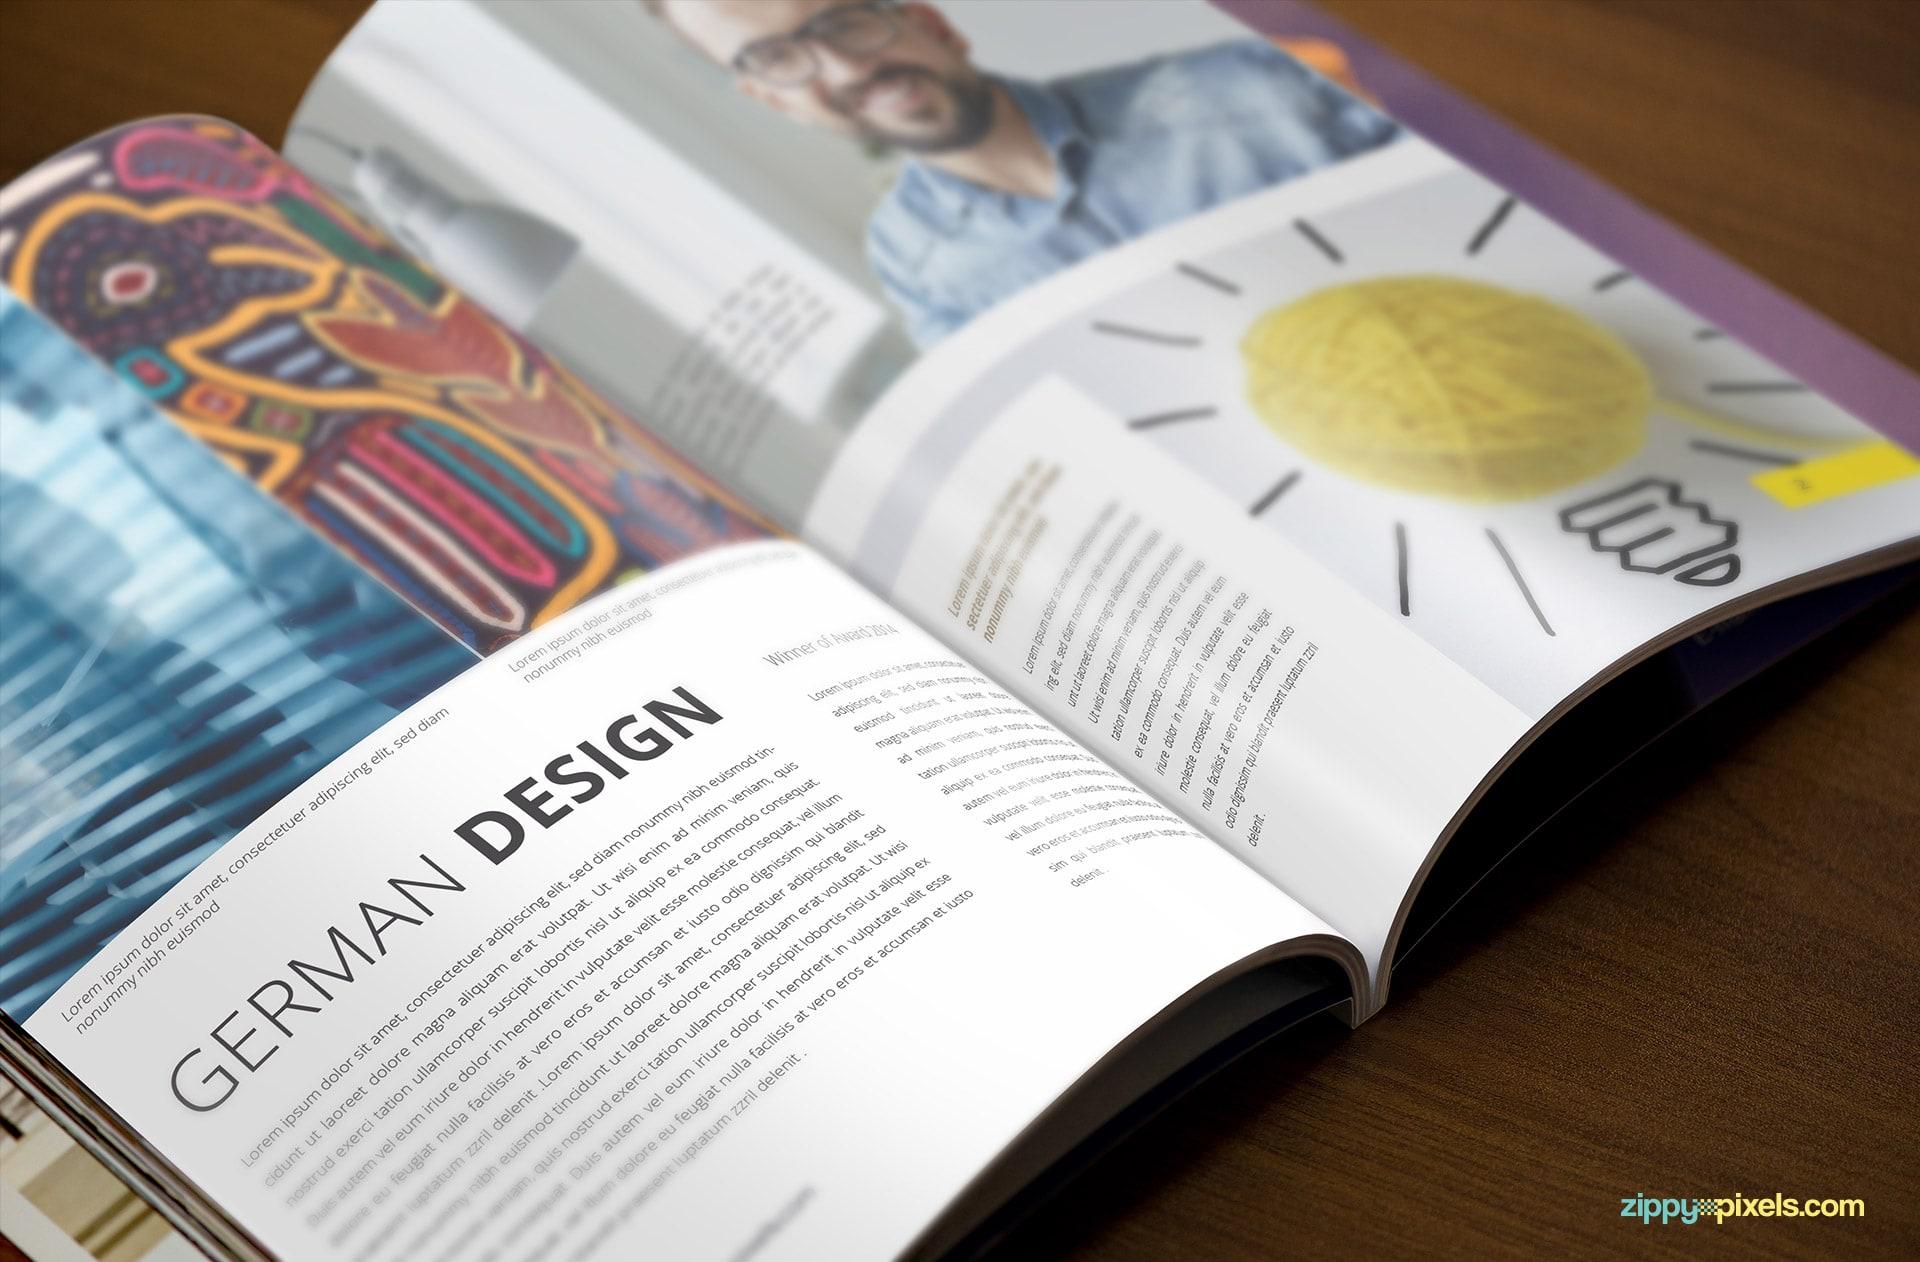 Magazine Mockup showing the Inside of Magazine